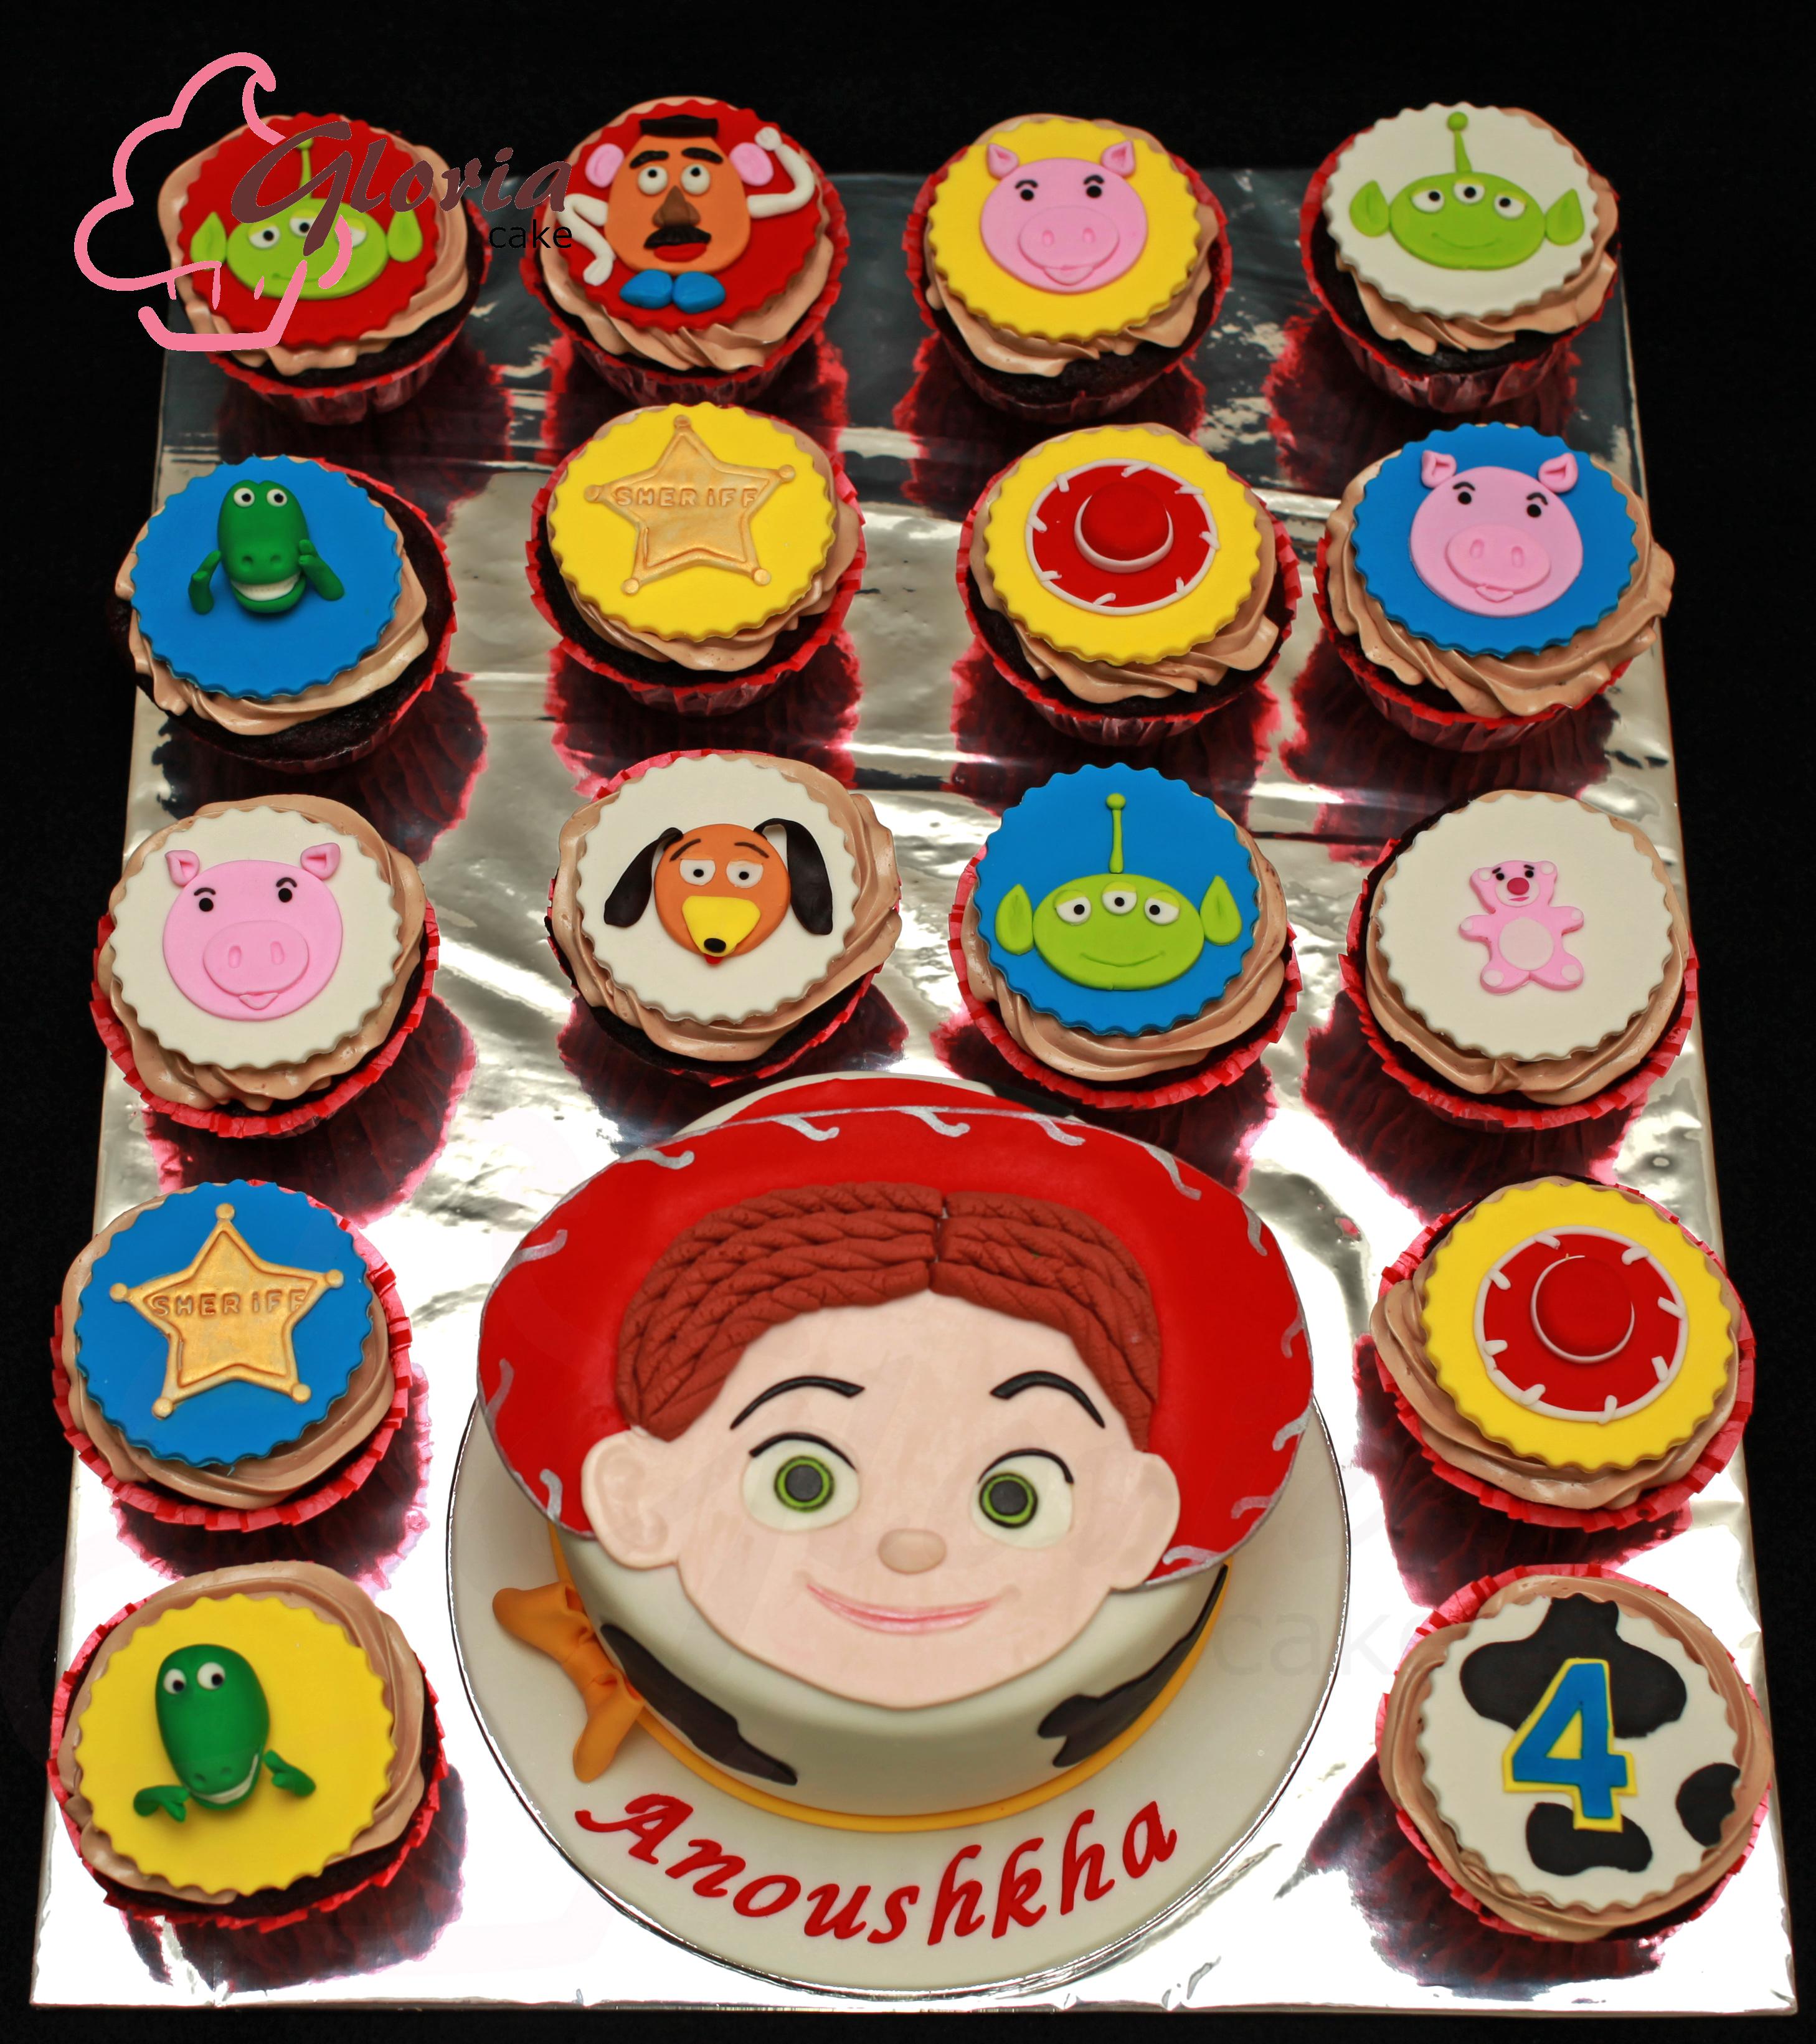 Toystory Birthday Cake And Cupcakes Gloria Cake